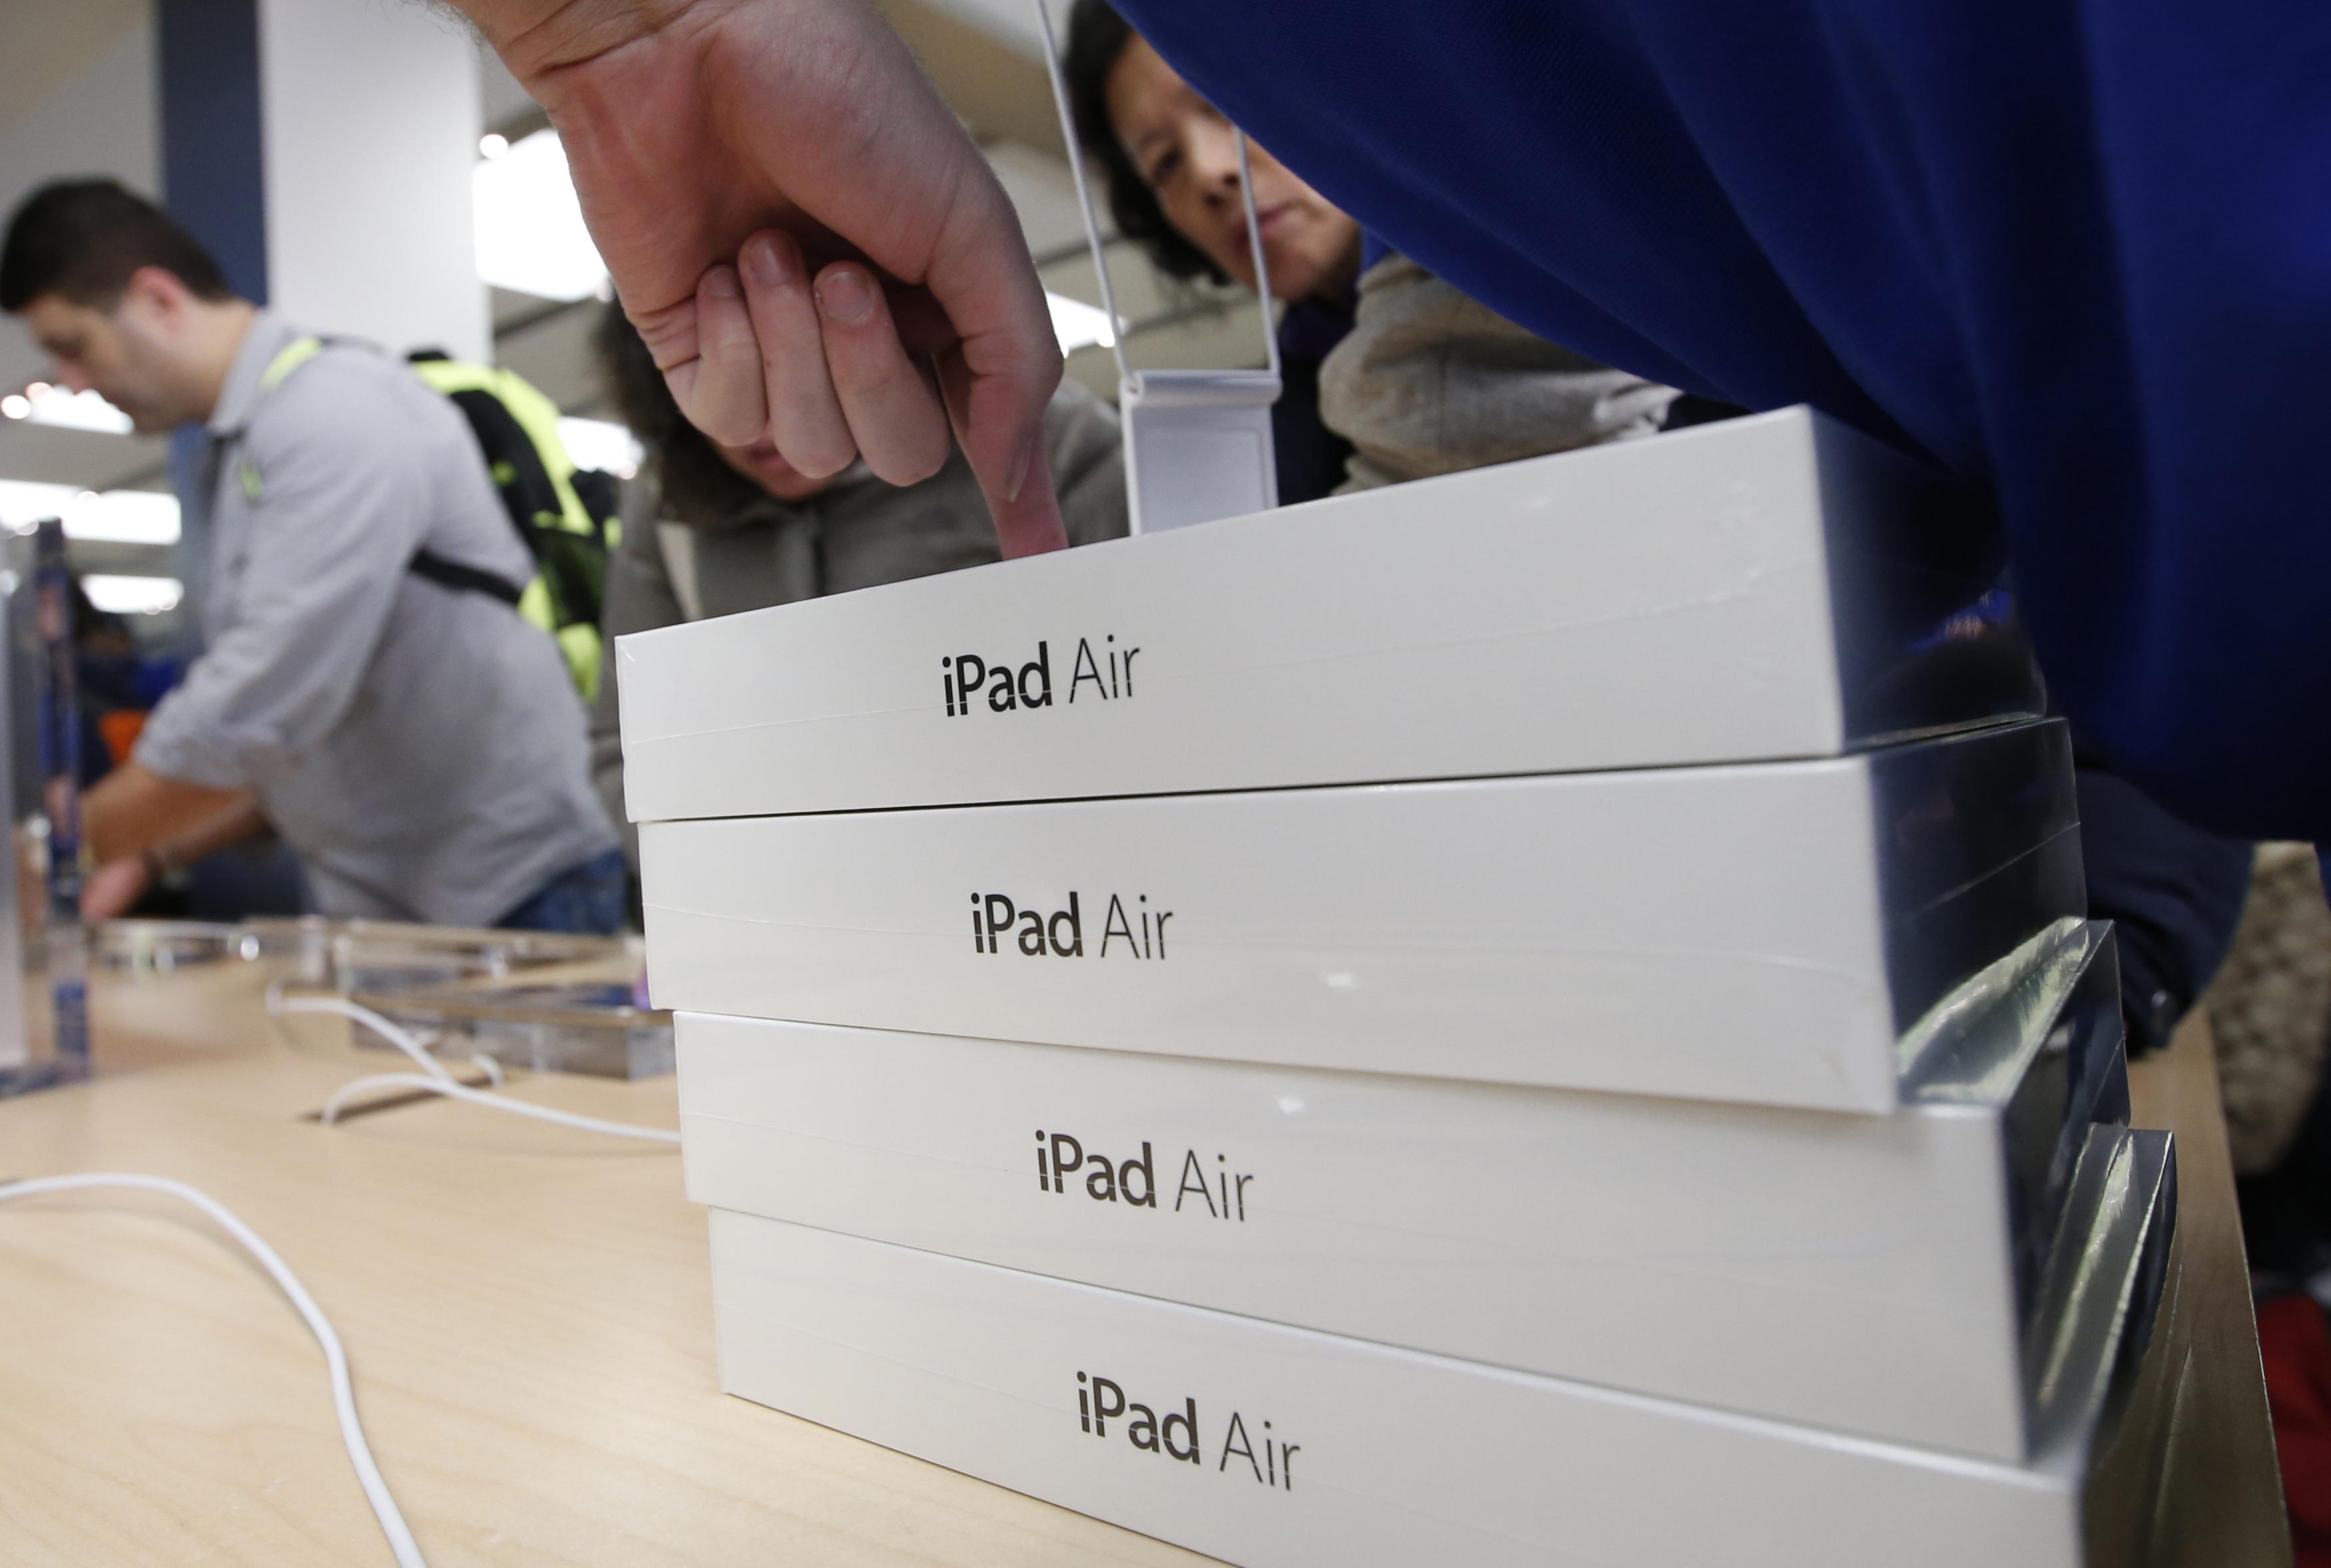 Δωρεάν tablet και συνδέσεις γρήγορου ίντερνετ για 290.000 δικαιούχους